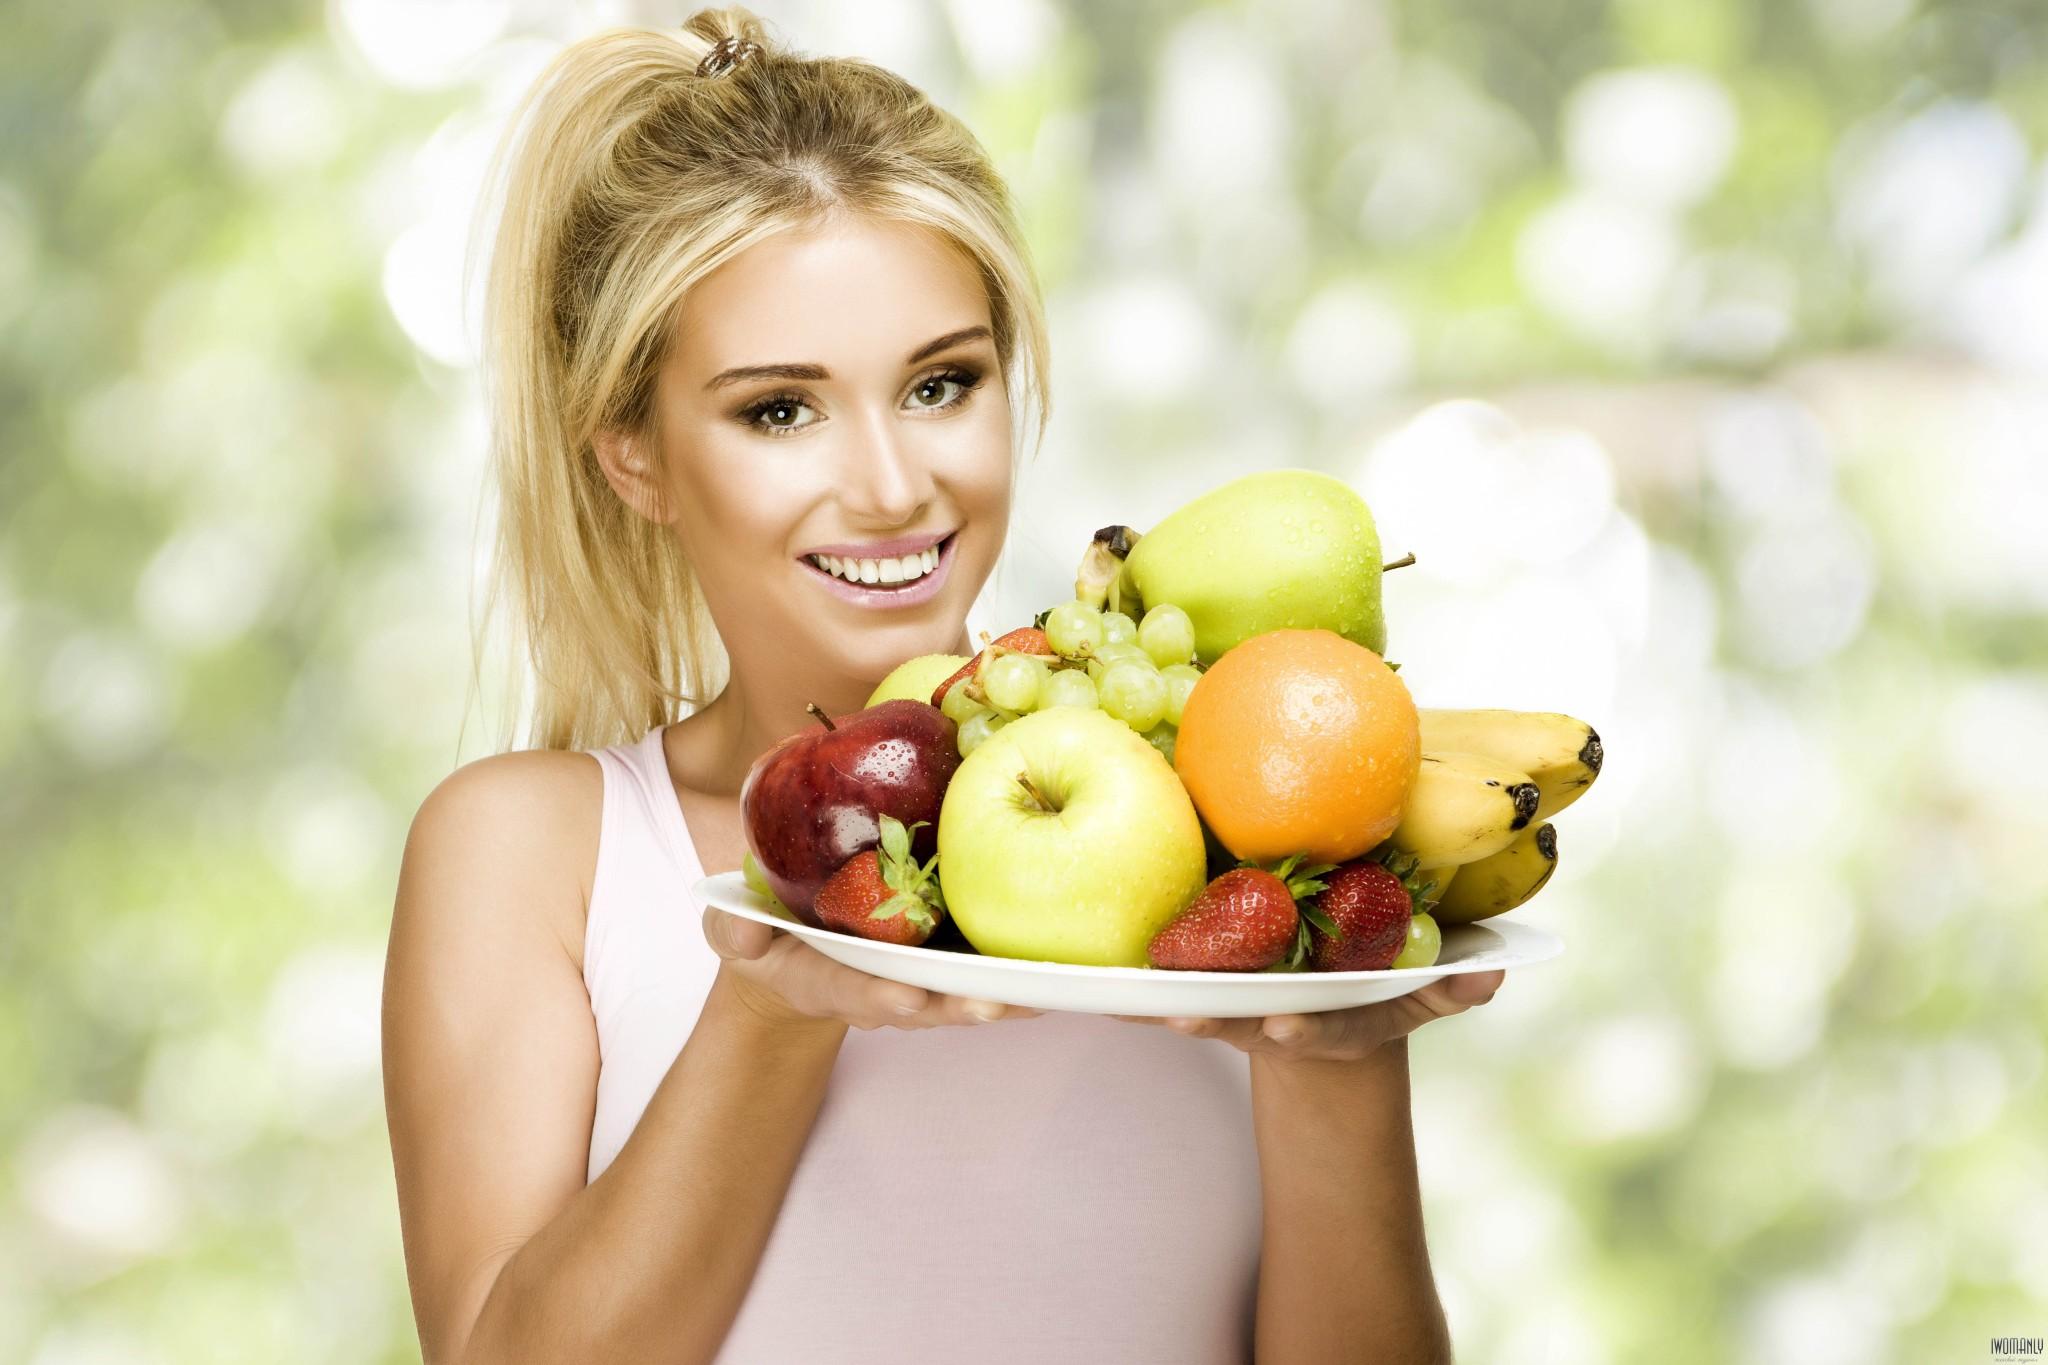 Рецепты обертывания для похудения в домашних условиях форум